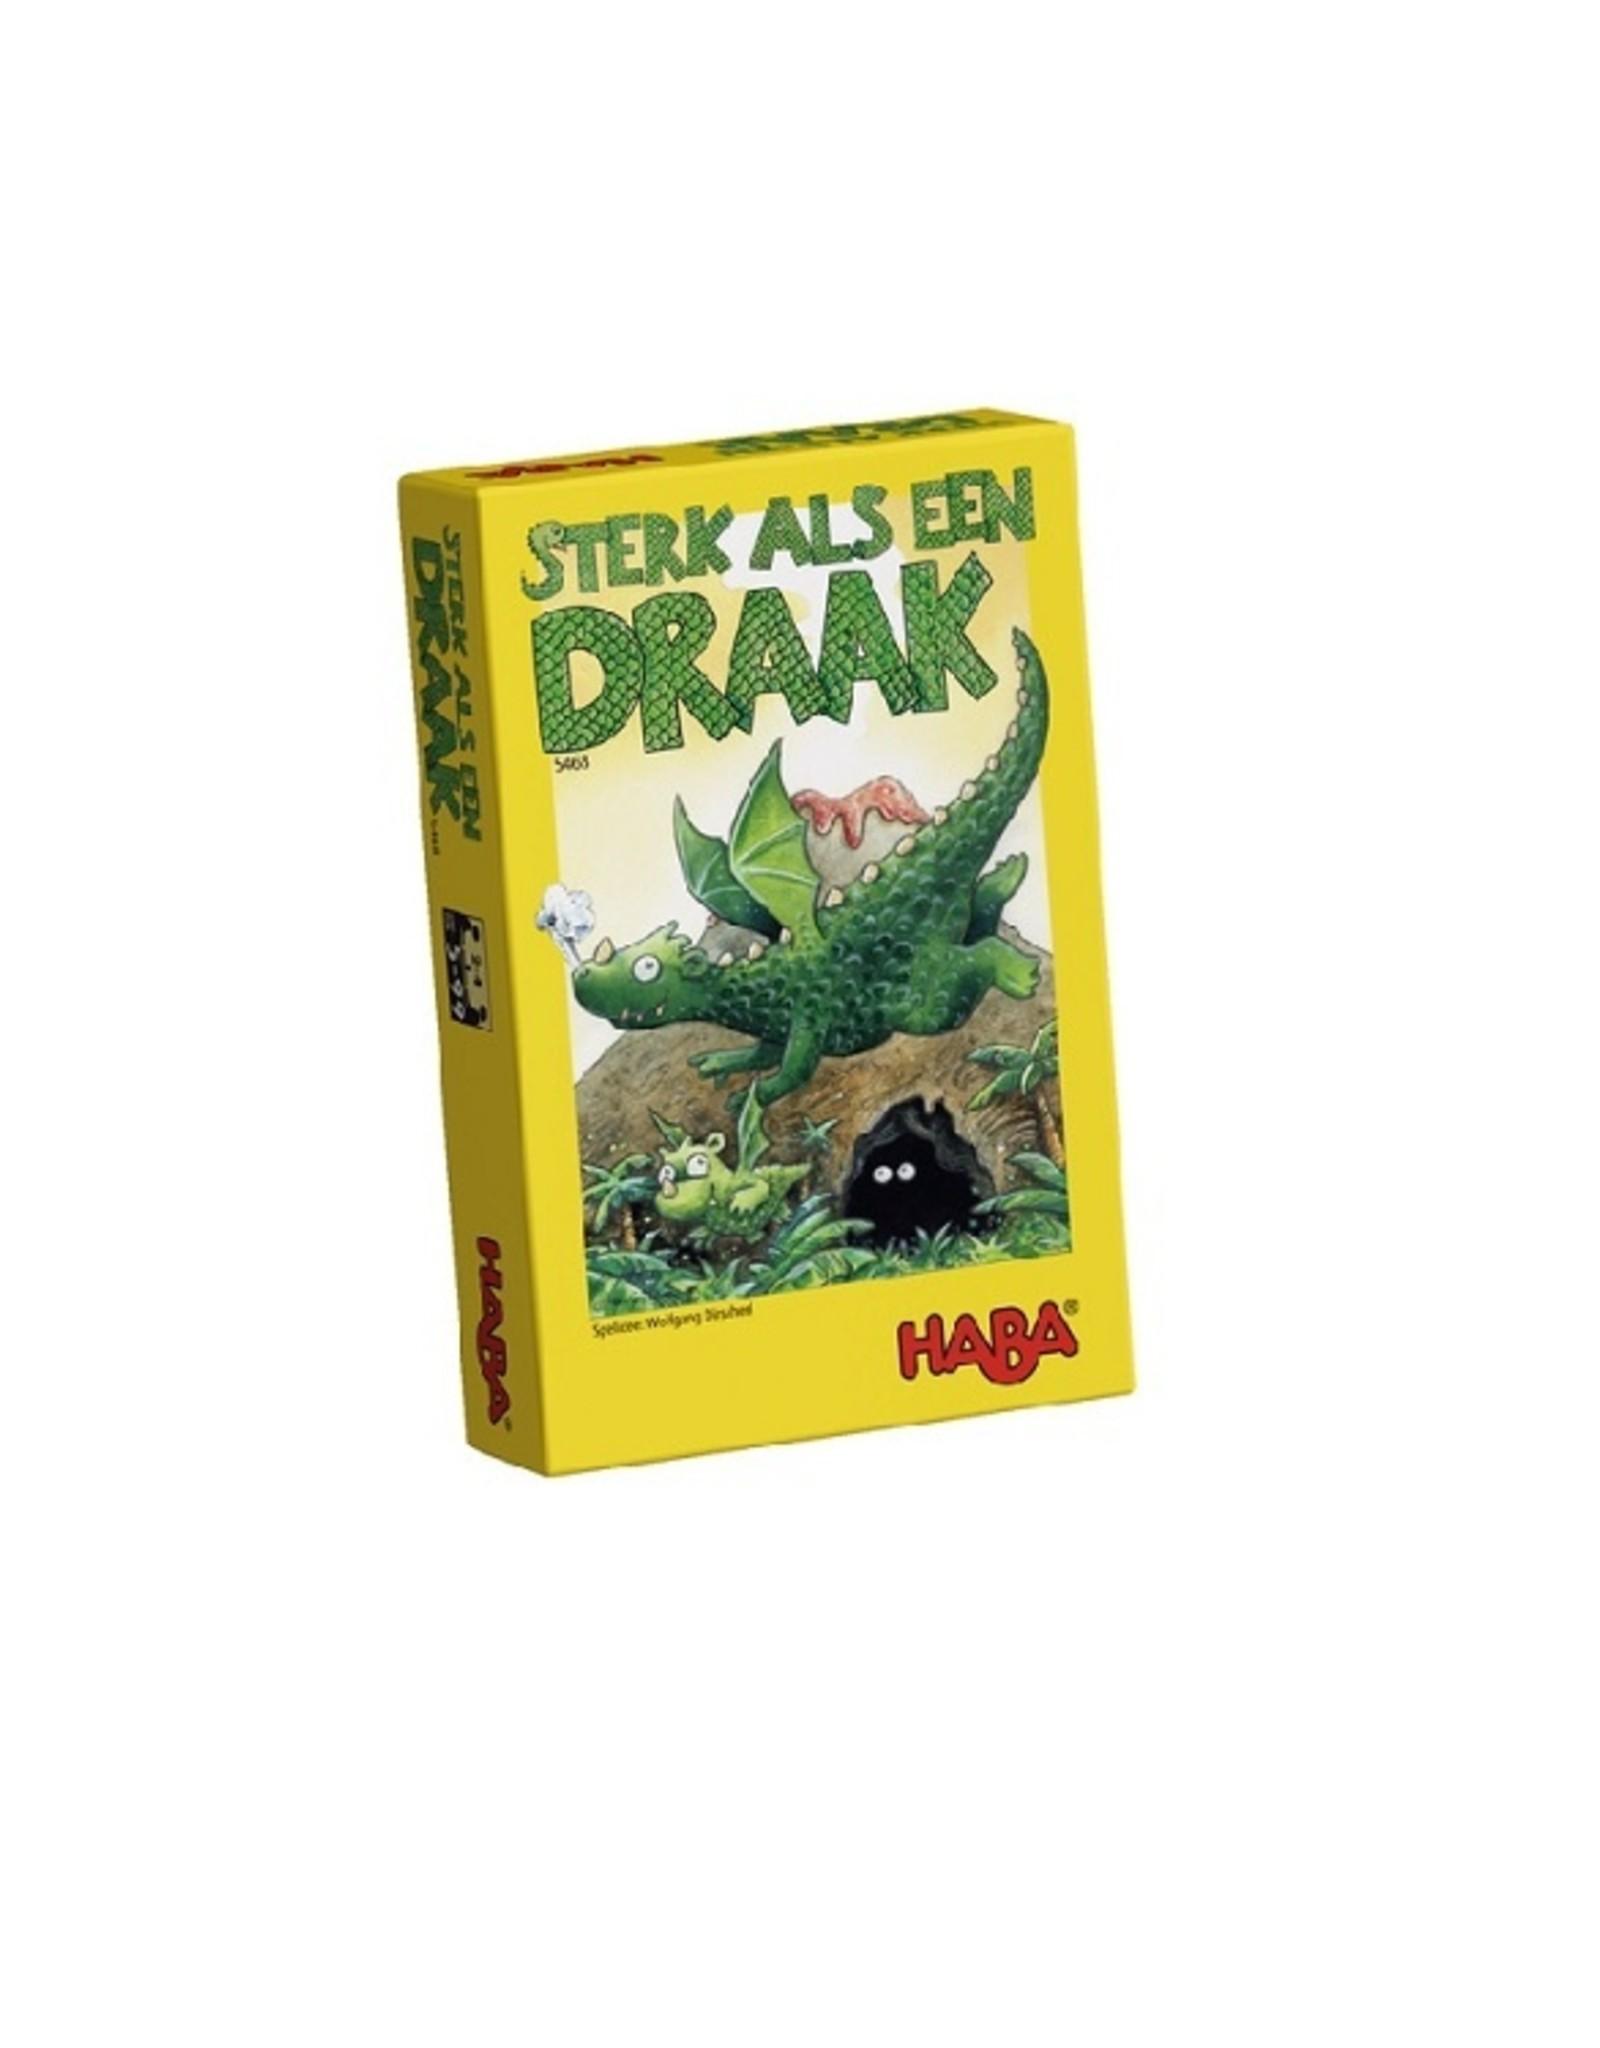 Haba Sterk als een draak 5468